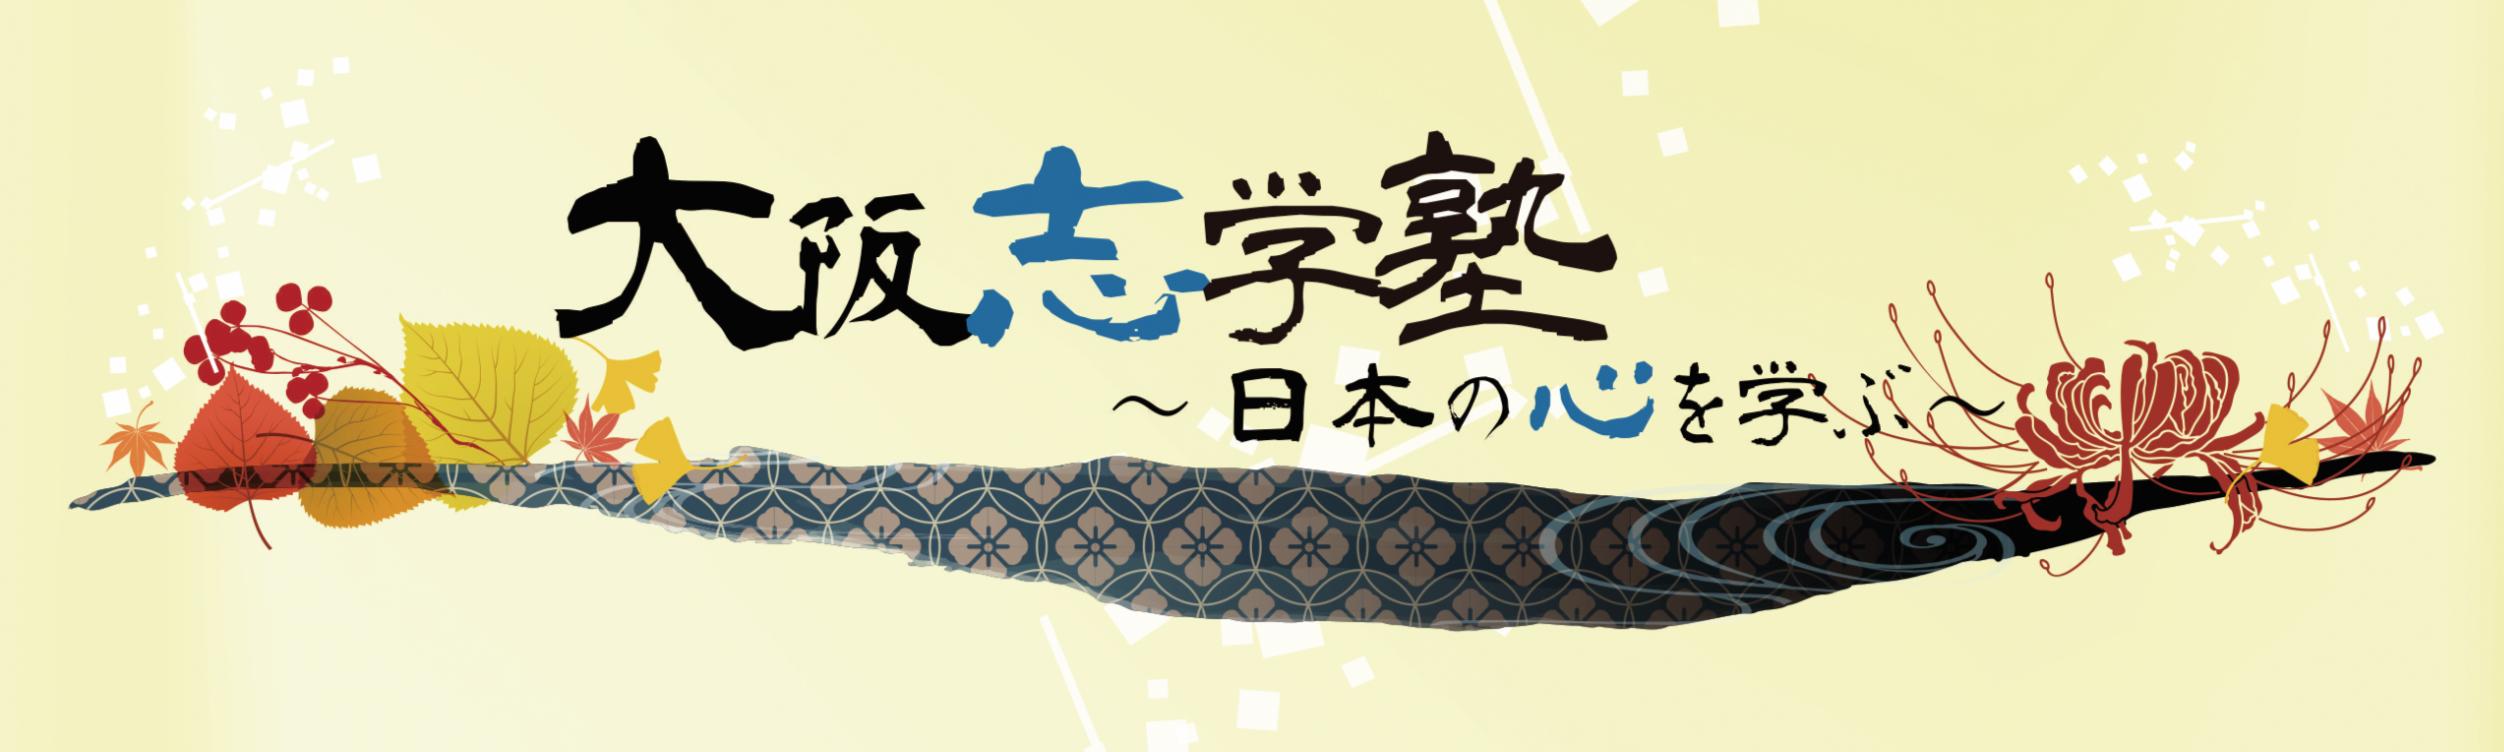 大阪志学塾